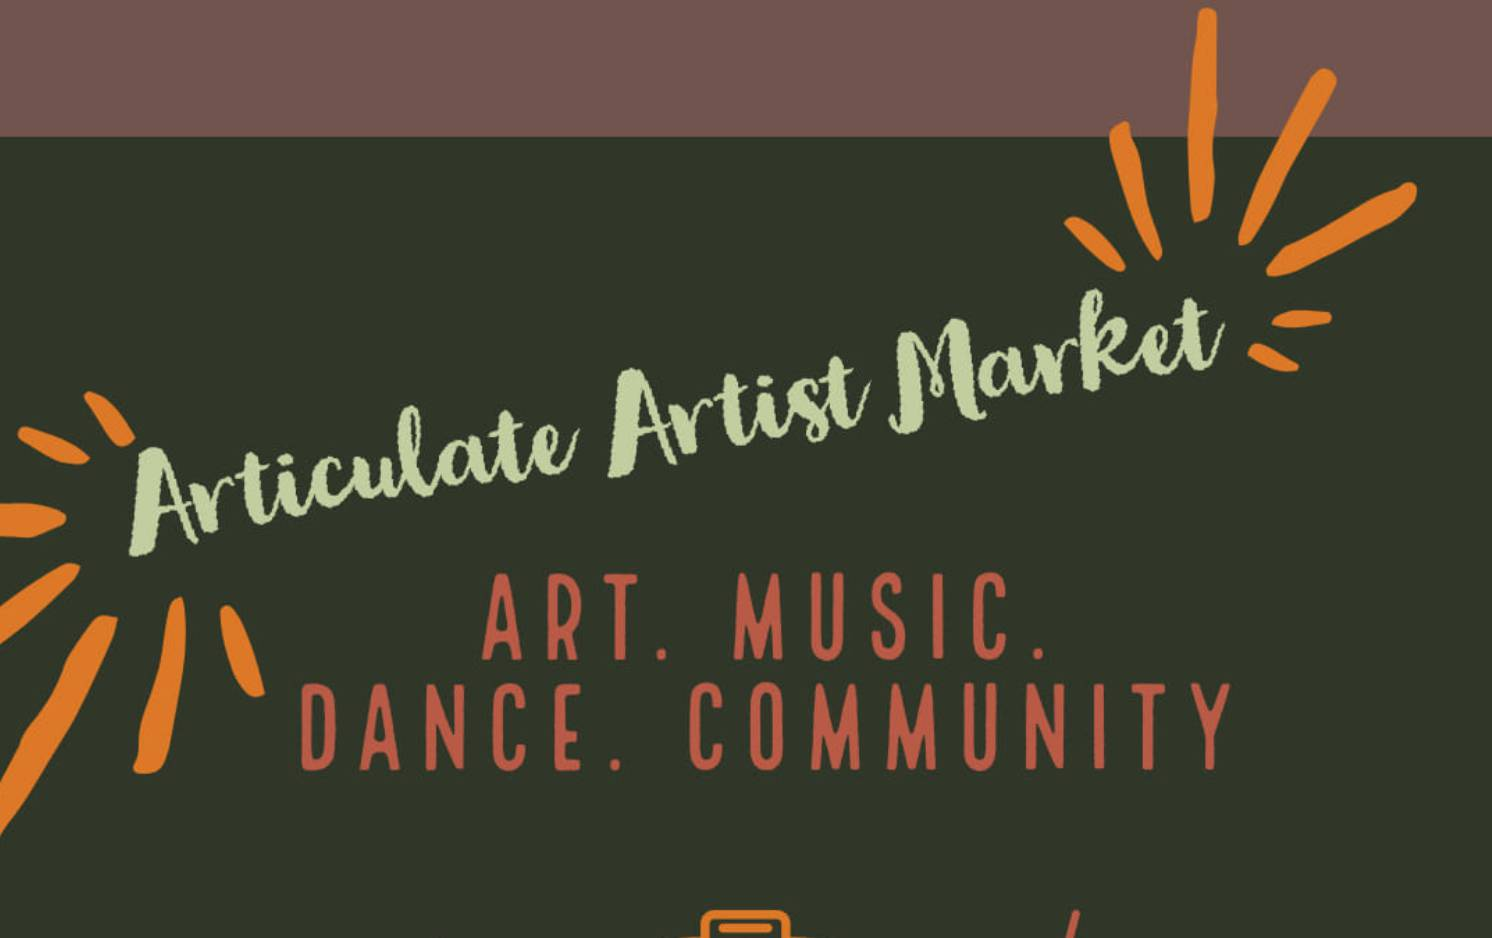 Articulate Artist Market